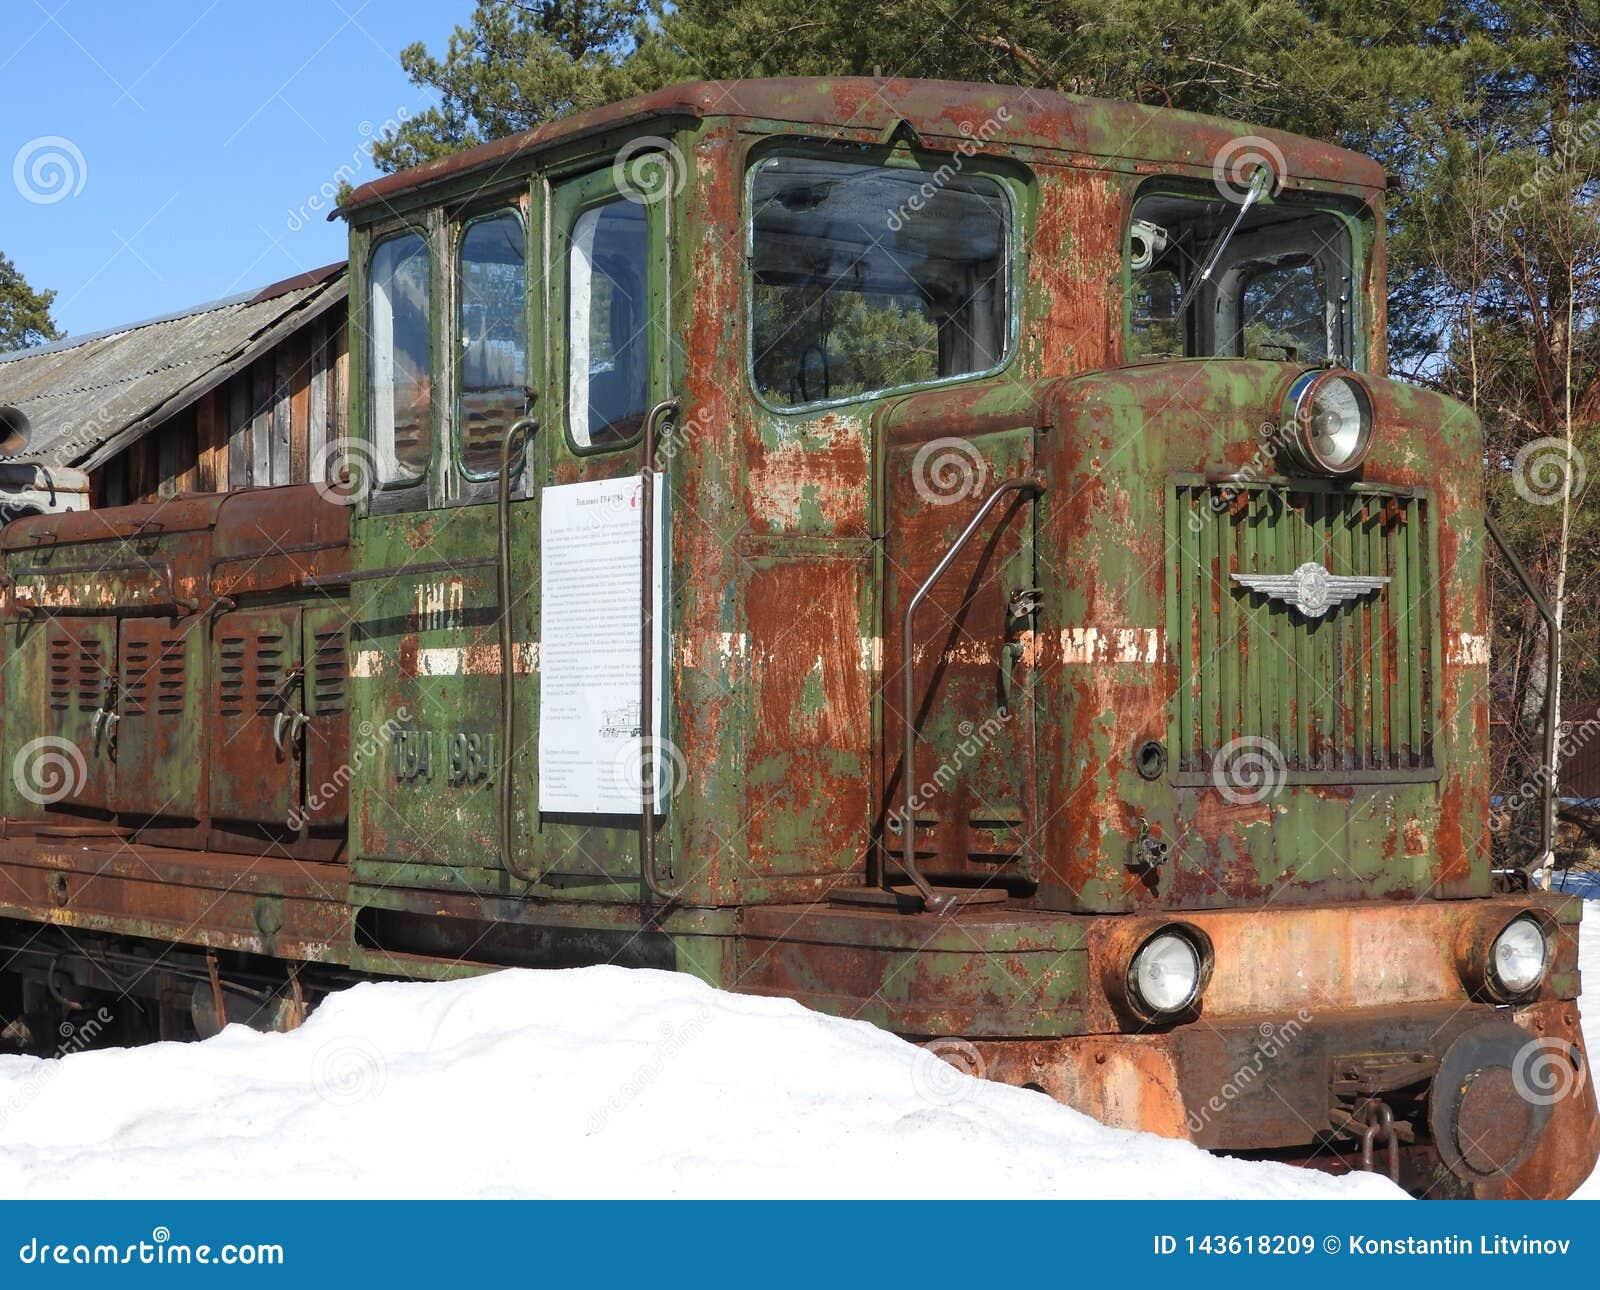 老露天蒸汽机车佩列斯拉夫尔博物馆在冬天,俄罗斯